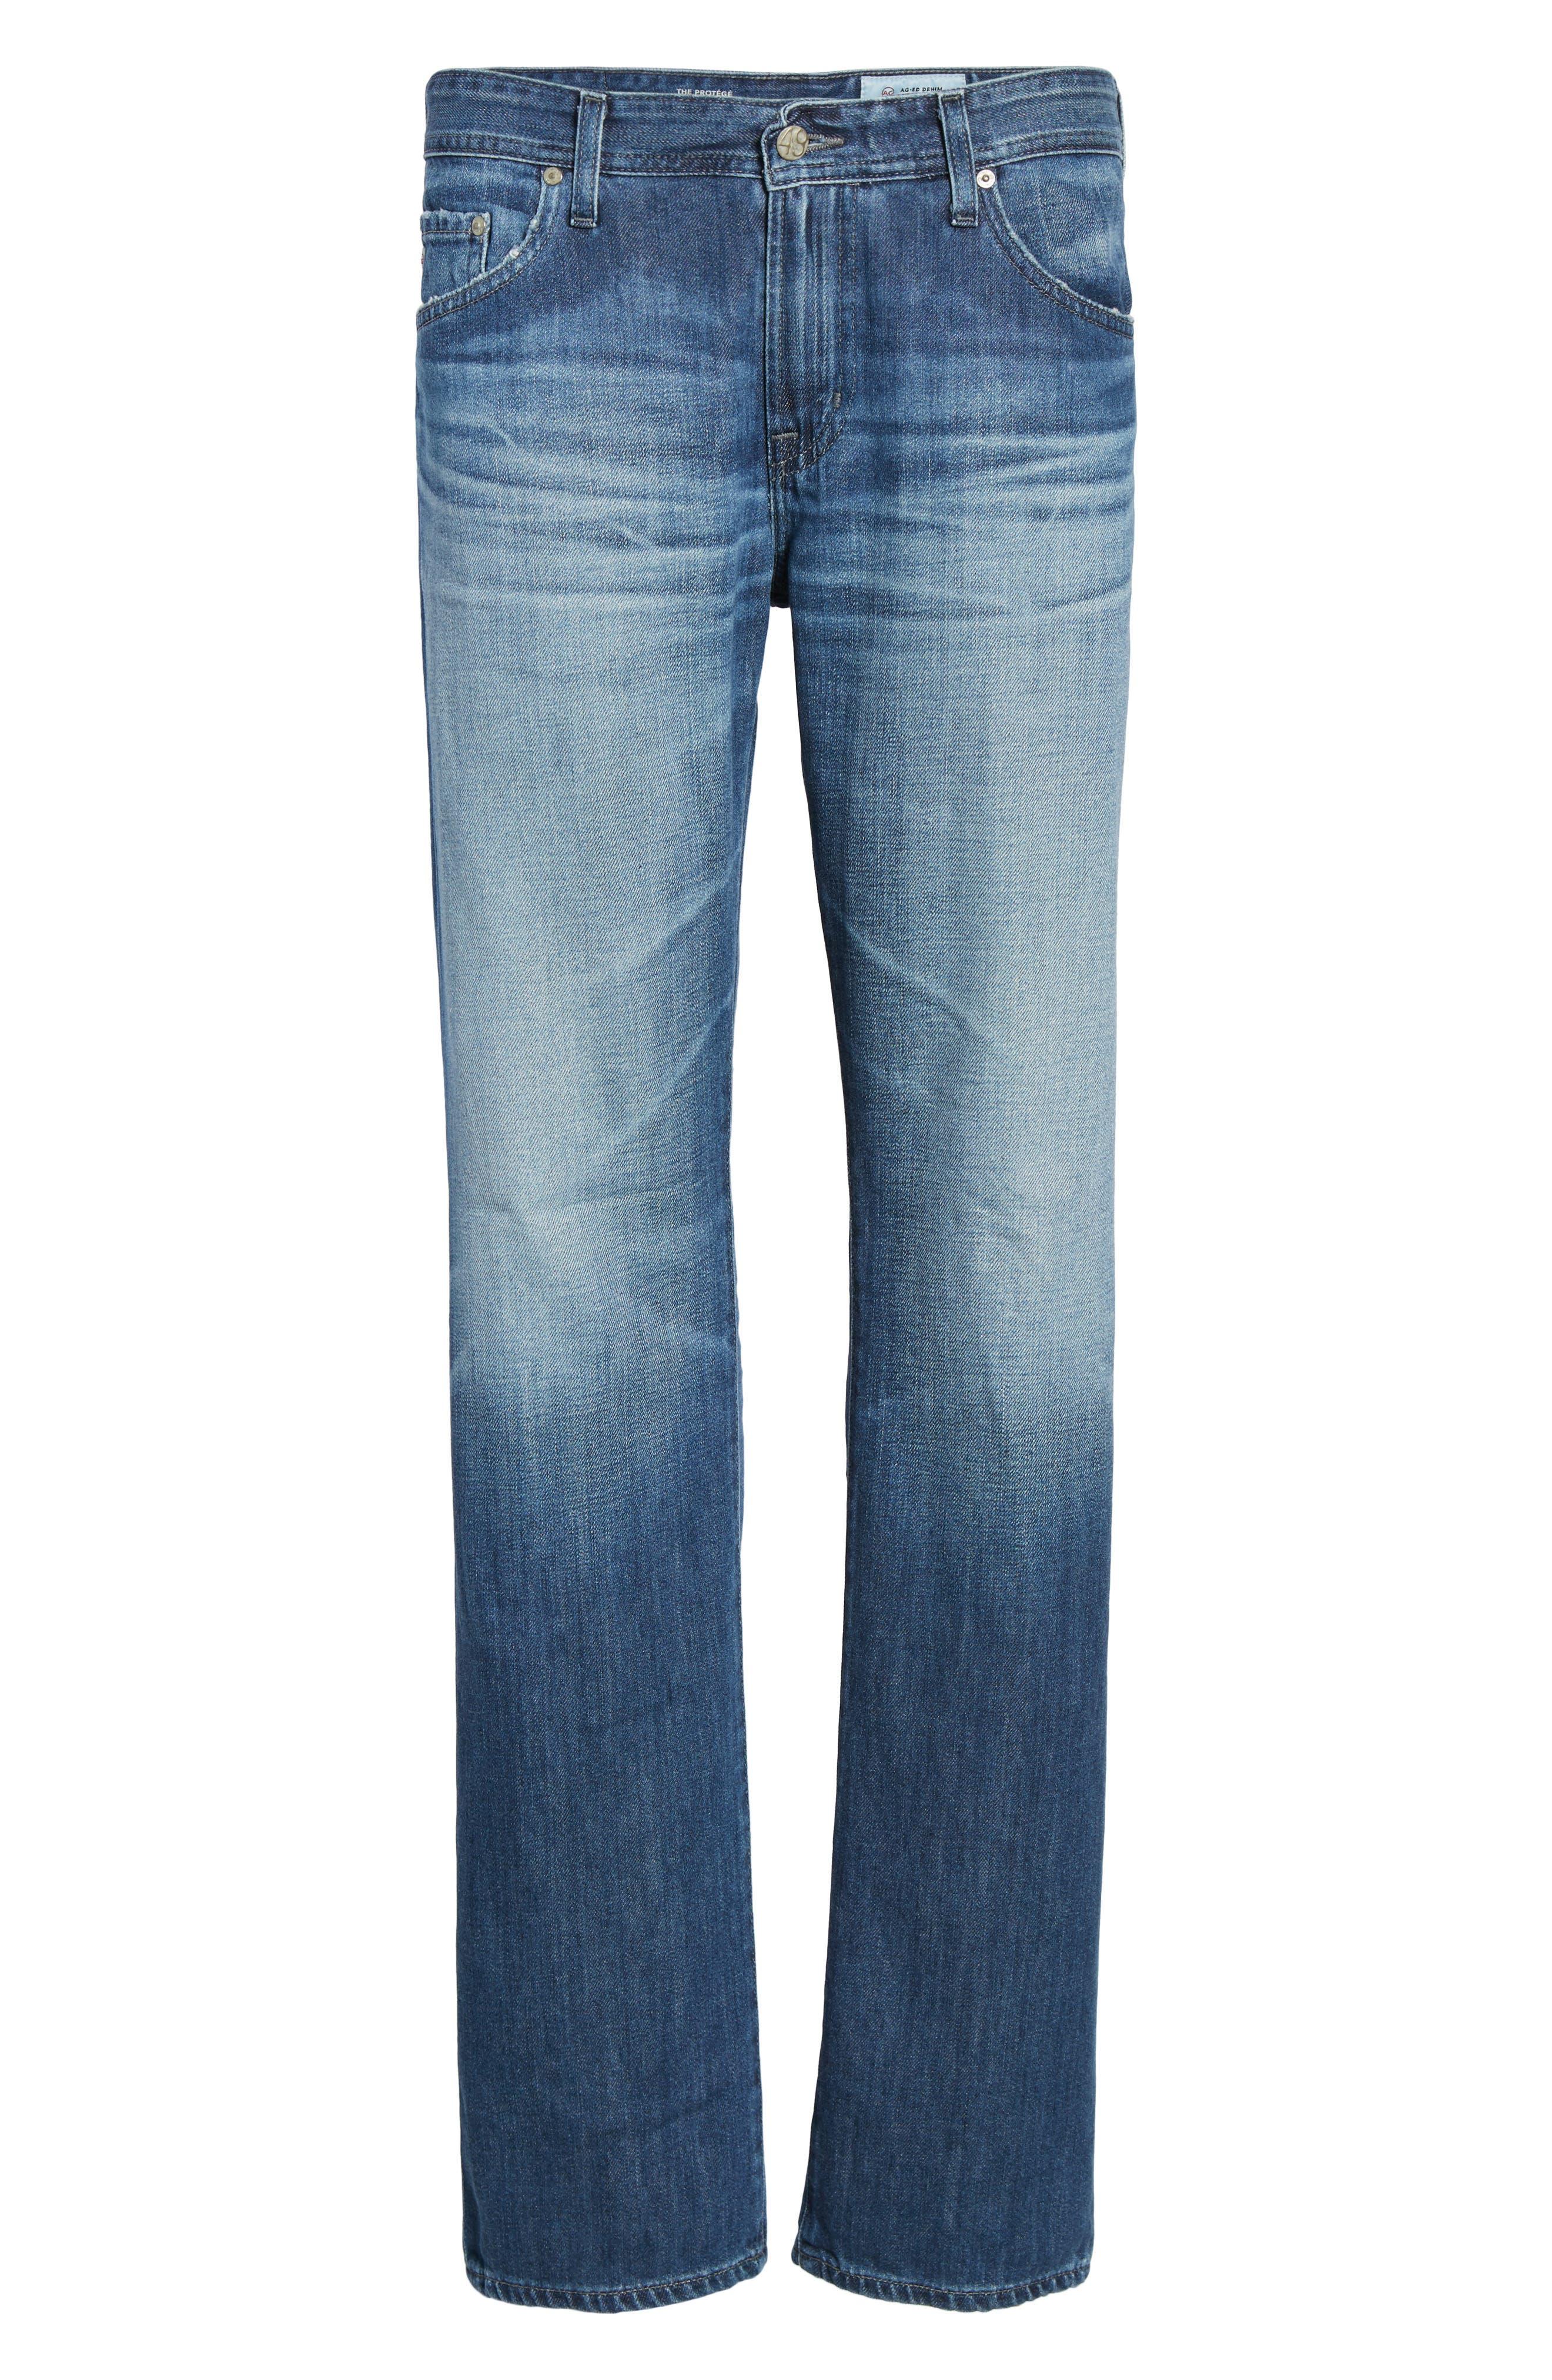 Protégé Relaxed Fit Jeans,                             Alternate thumbnail 6, color,                             472